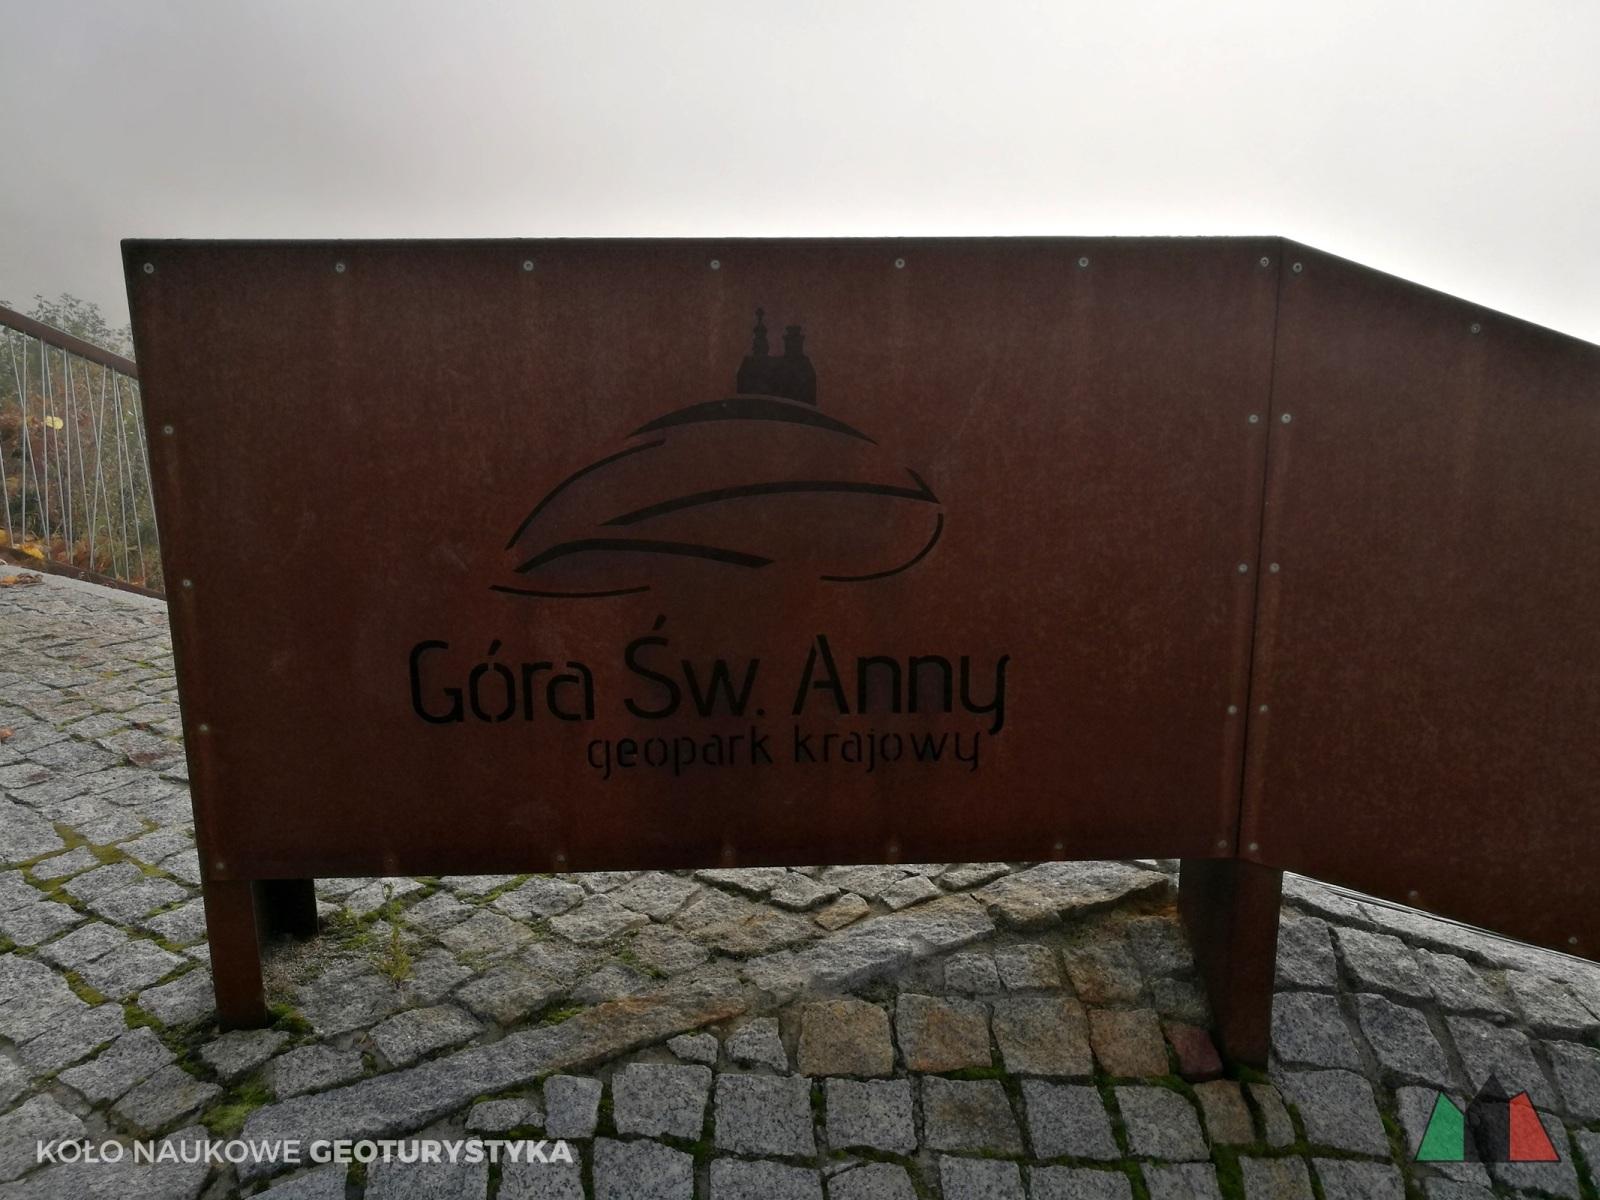 Geopark krajowy – Góra św. Anny